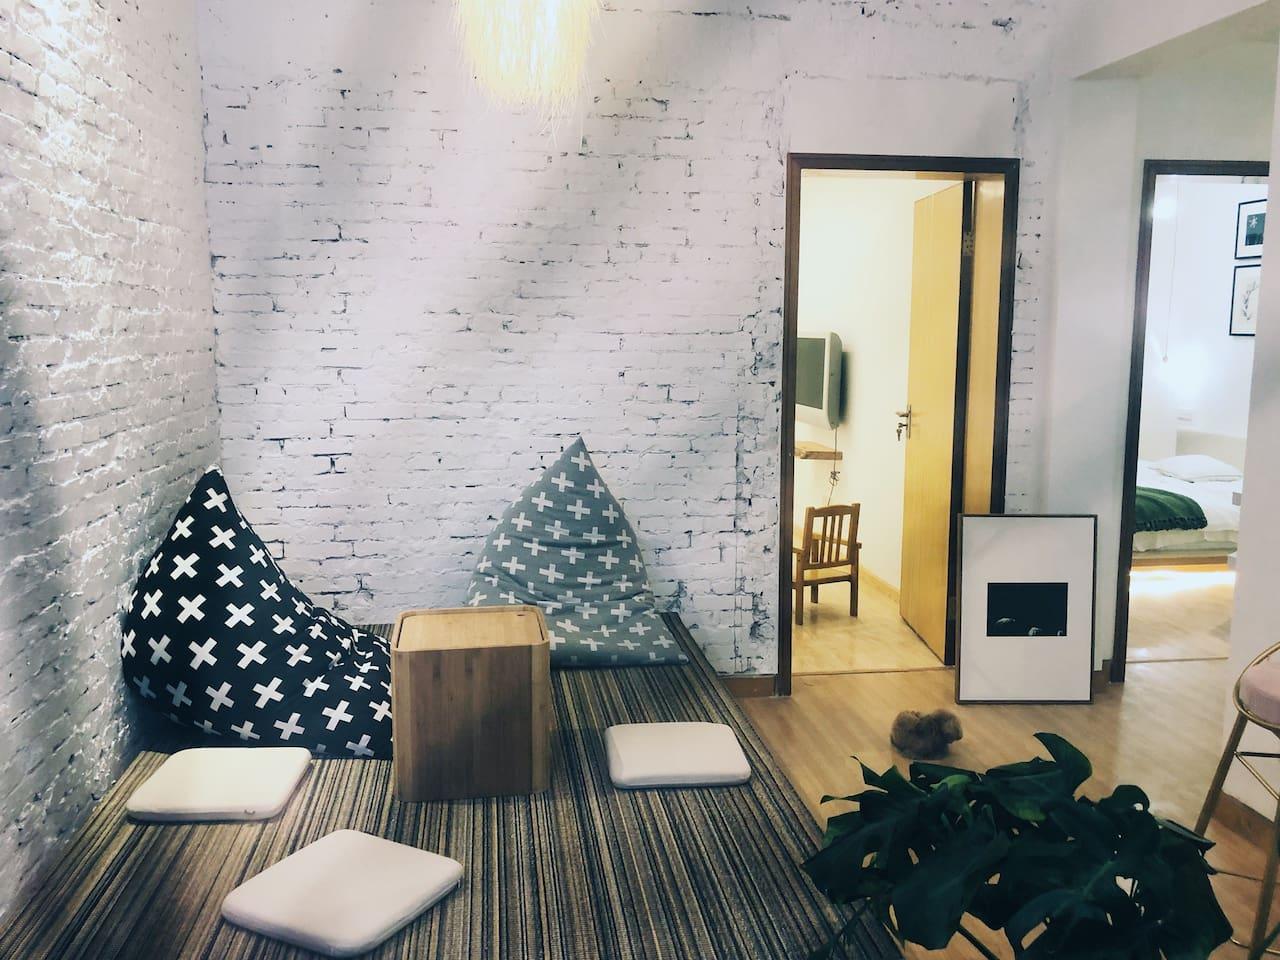 客厅1.65乘2m的榻榻米,可以喝茶,铺上软垫可以睡觉